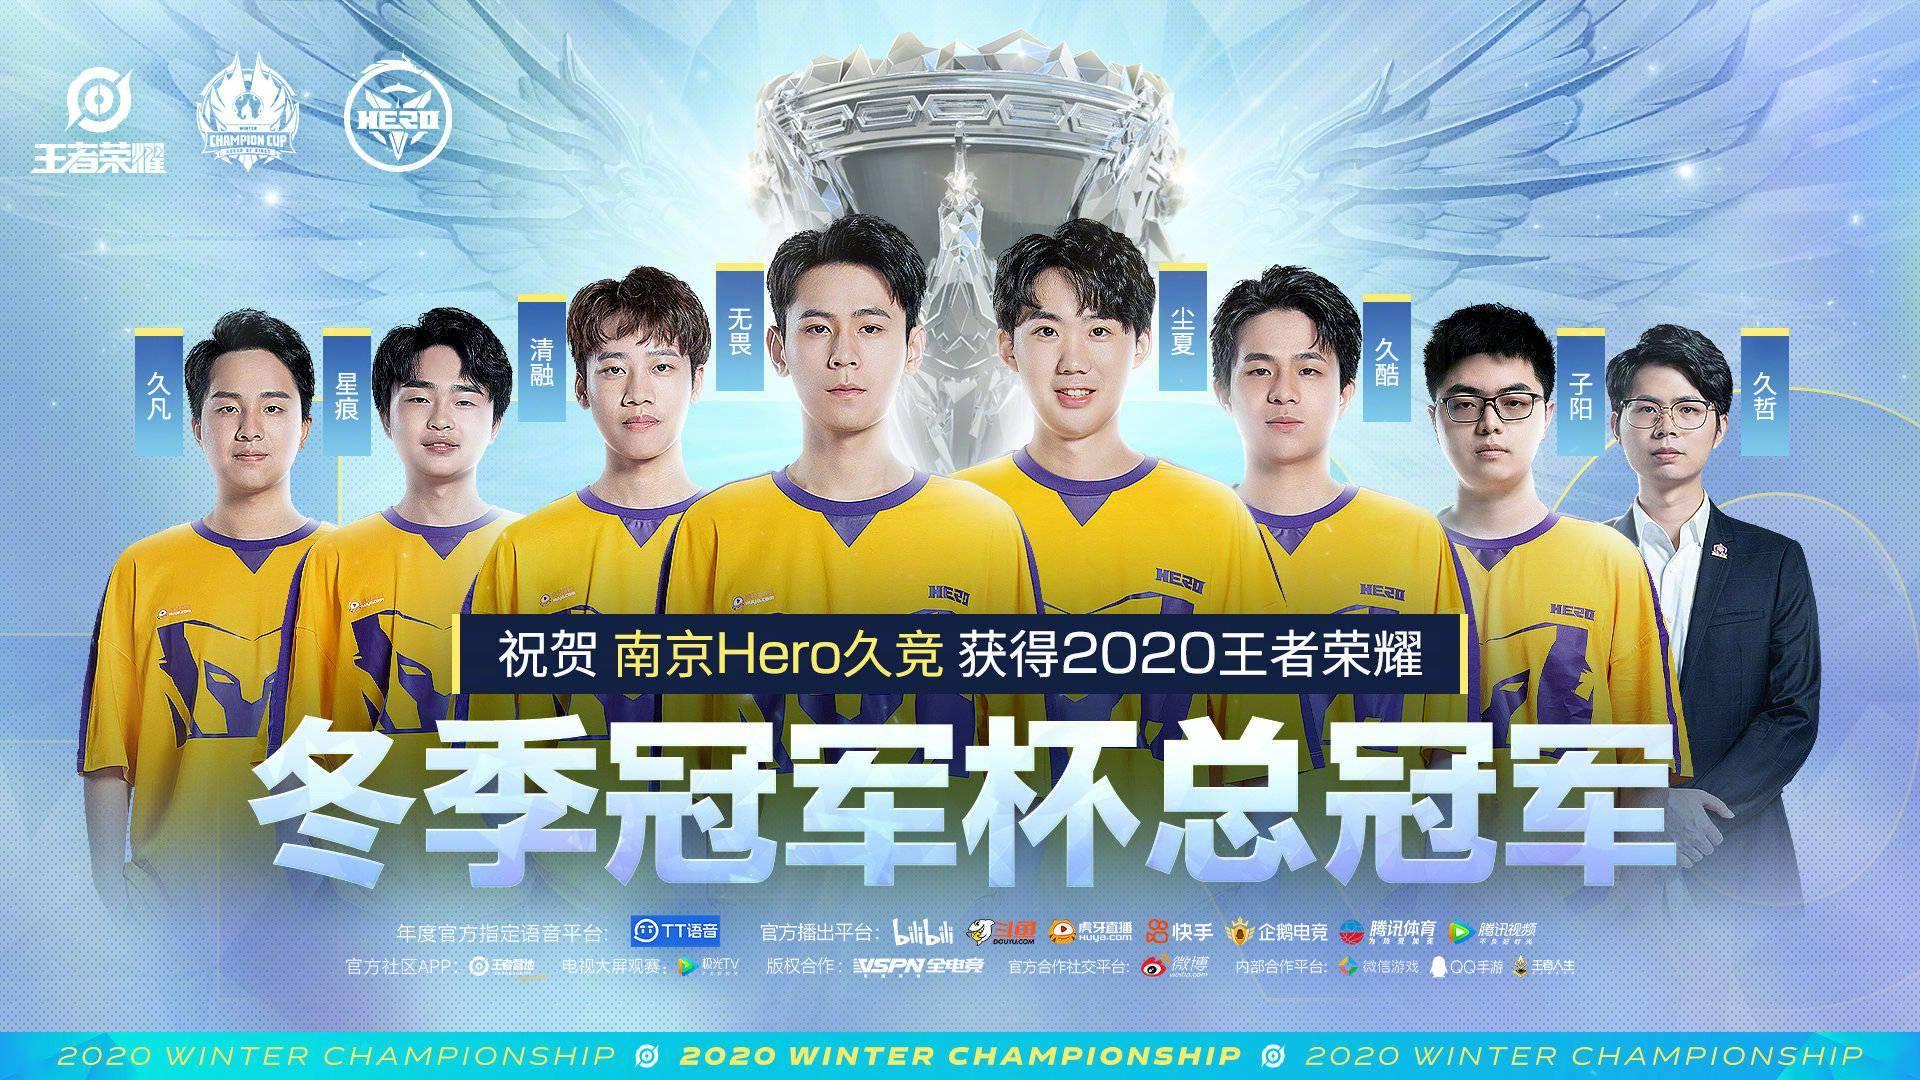 时隔两年,南京 Hero 久竞再度摘获 2020 王者荣耀冬冠总冠军